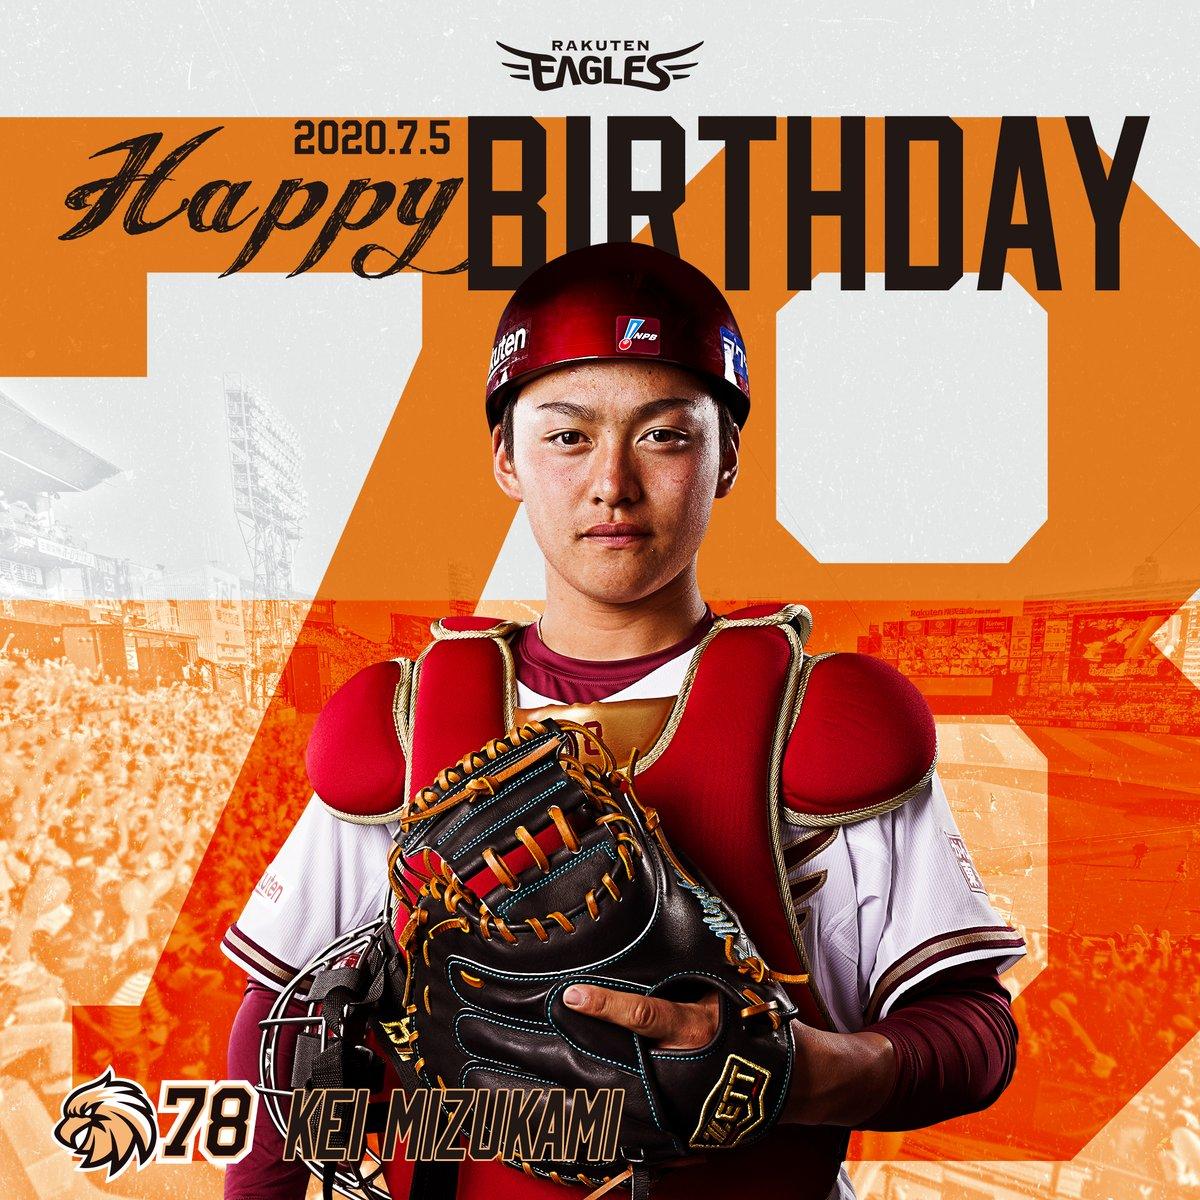 今日は水上桂選手の19歳の誕生日🎂✨ おめでとうございます🎉 プロフィールはこちら👉   #RakutenEagles #HappyBirthday